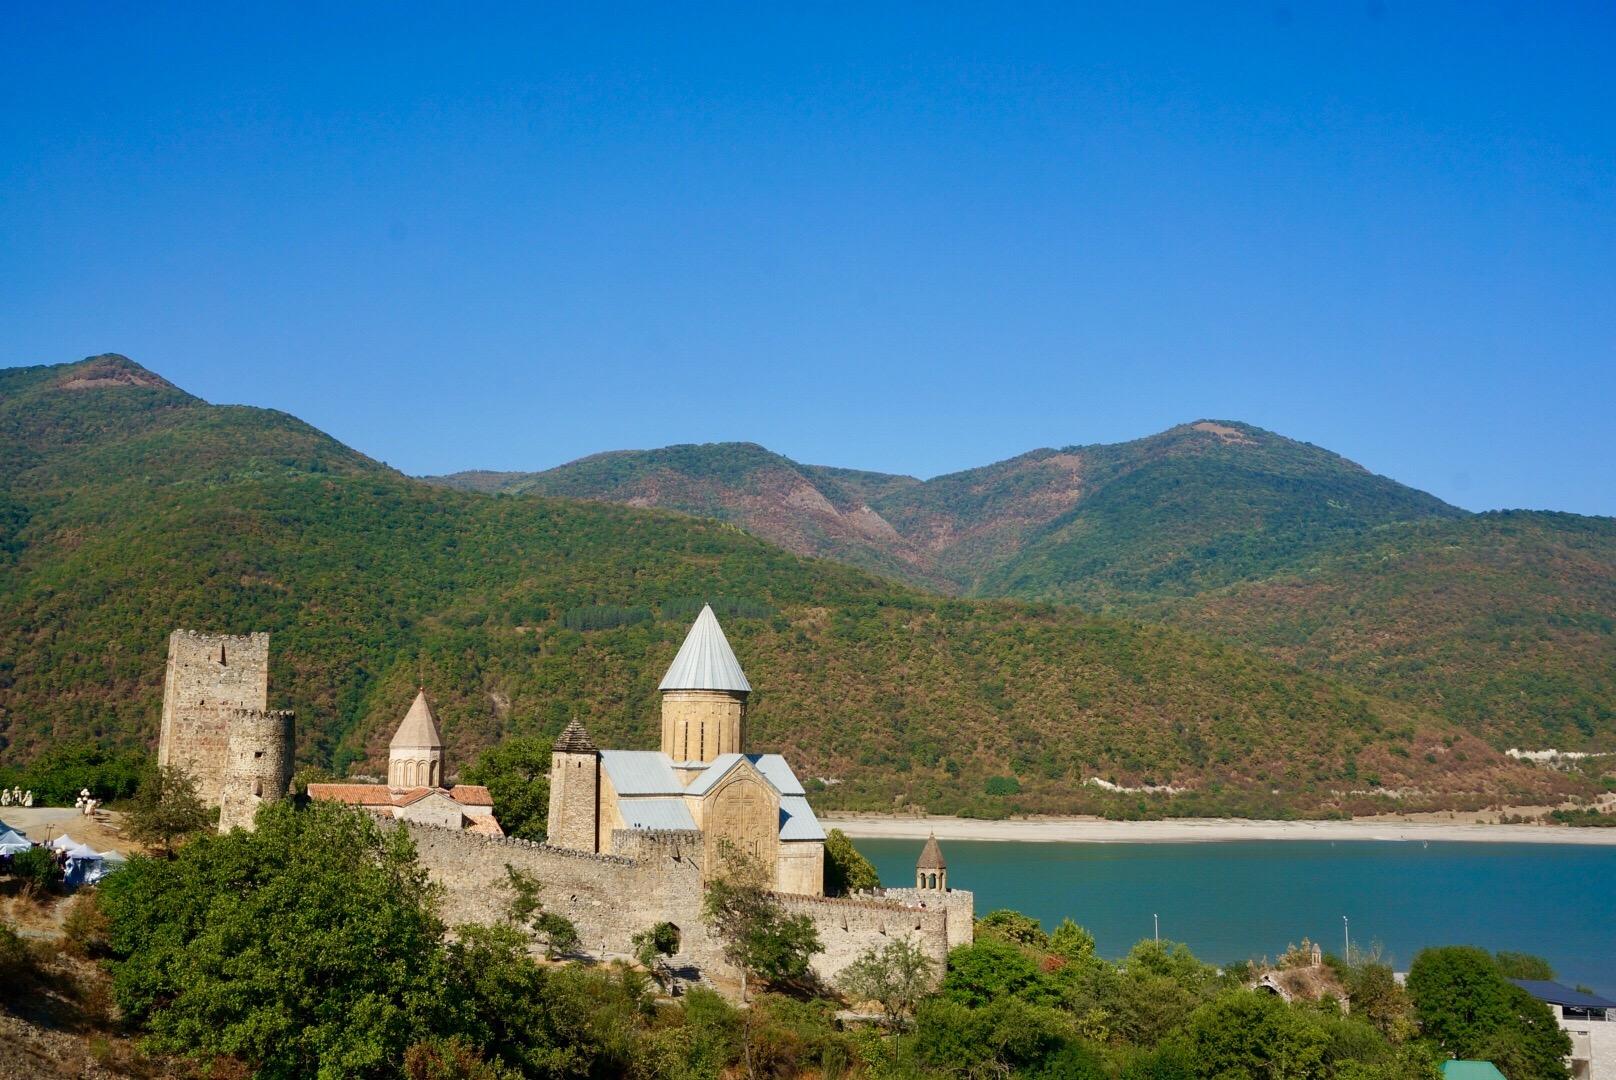 Die Dschwari-Kirche aus dem 6. Jahrhundert